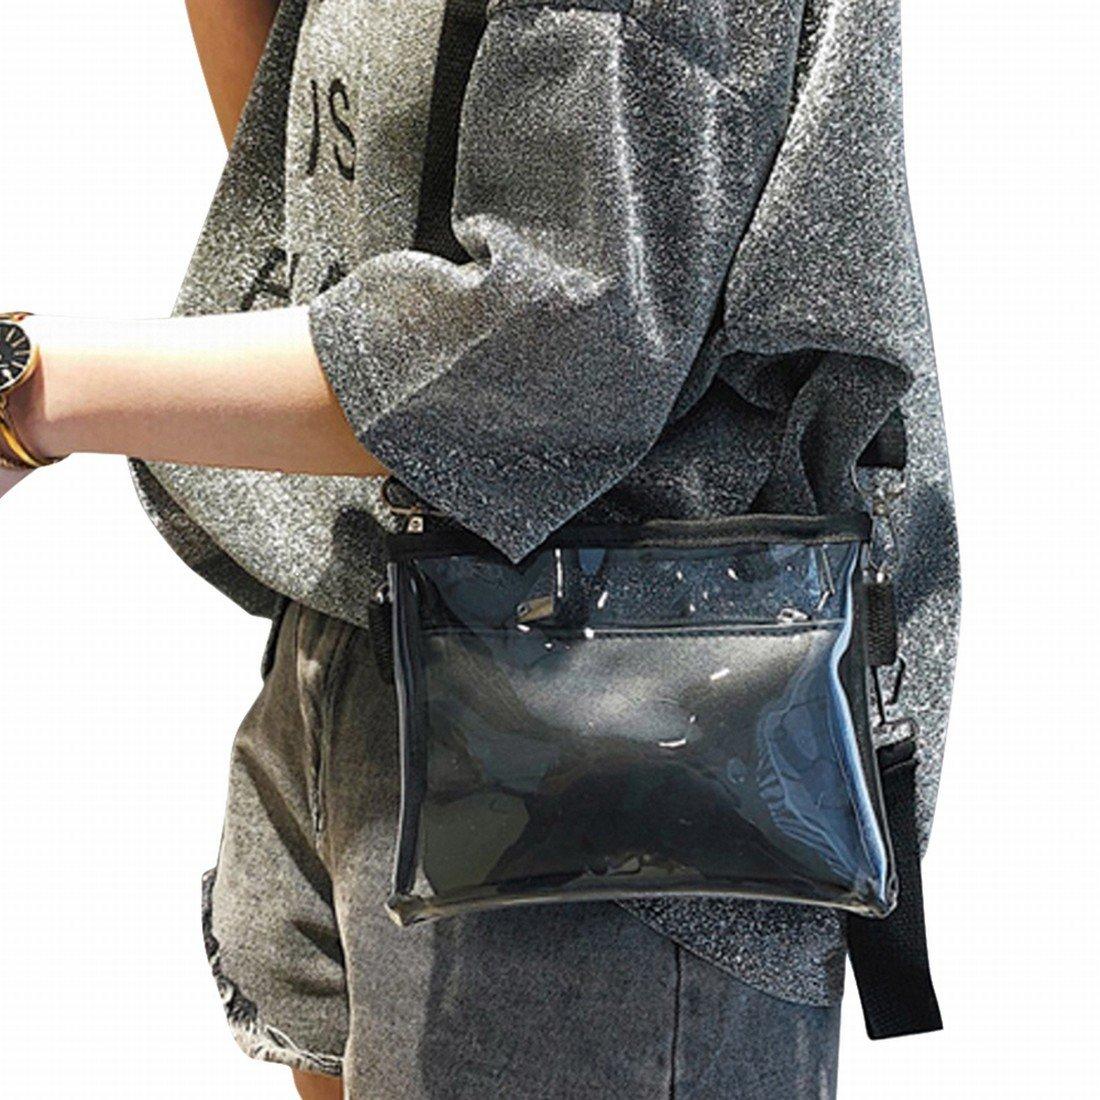 Amazon.com: Transparente Moda para niña Crossbody Bolsa ...